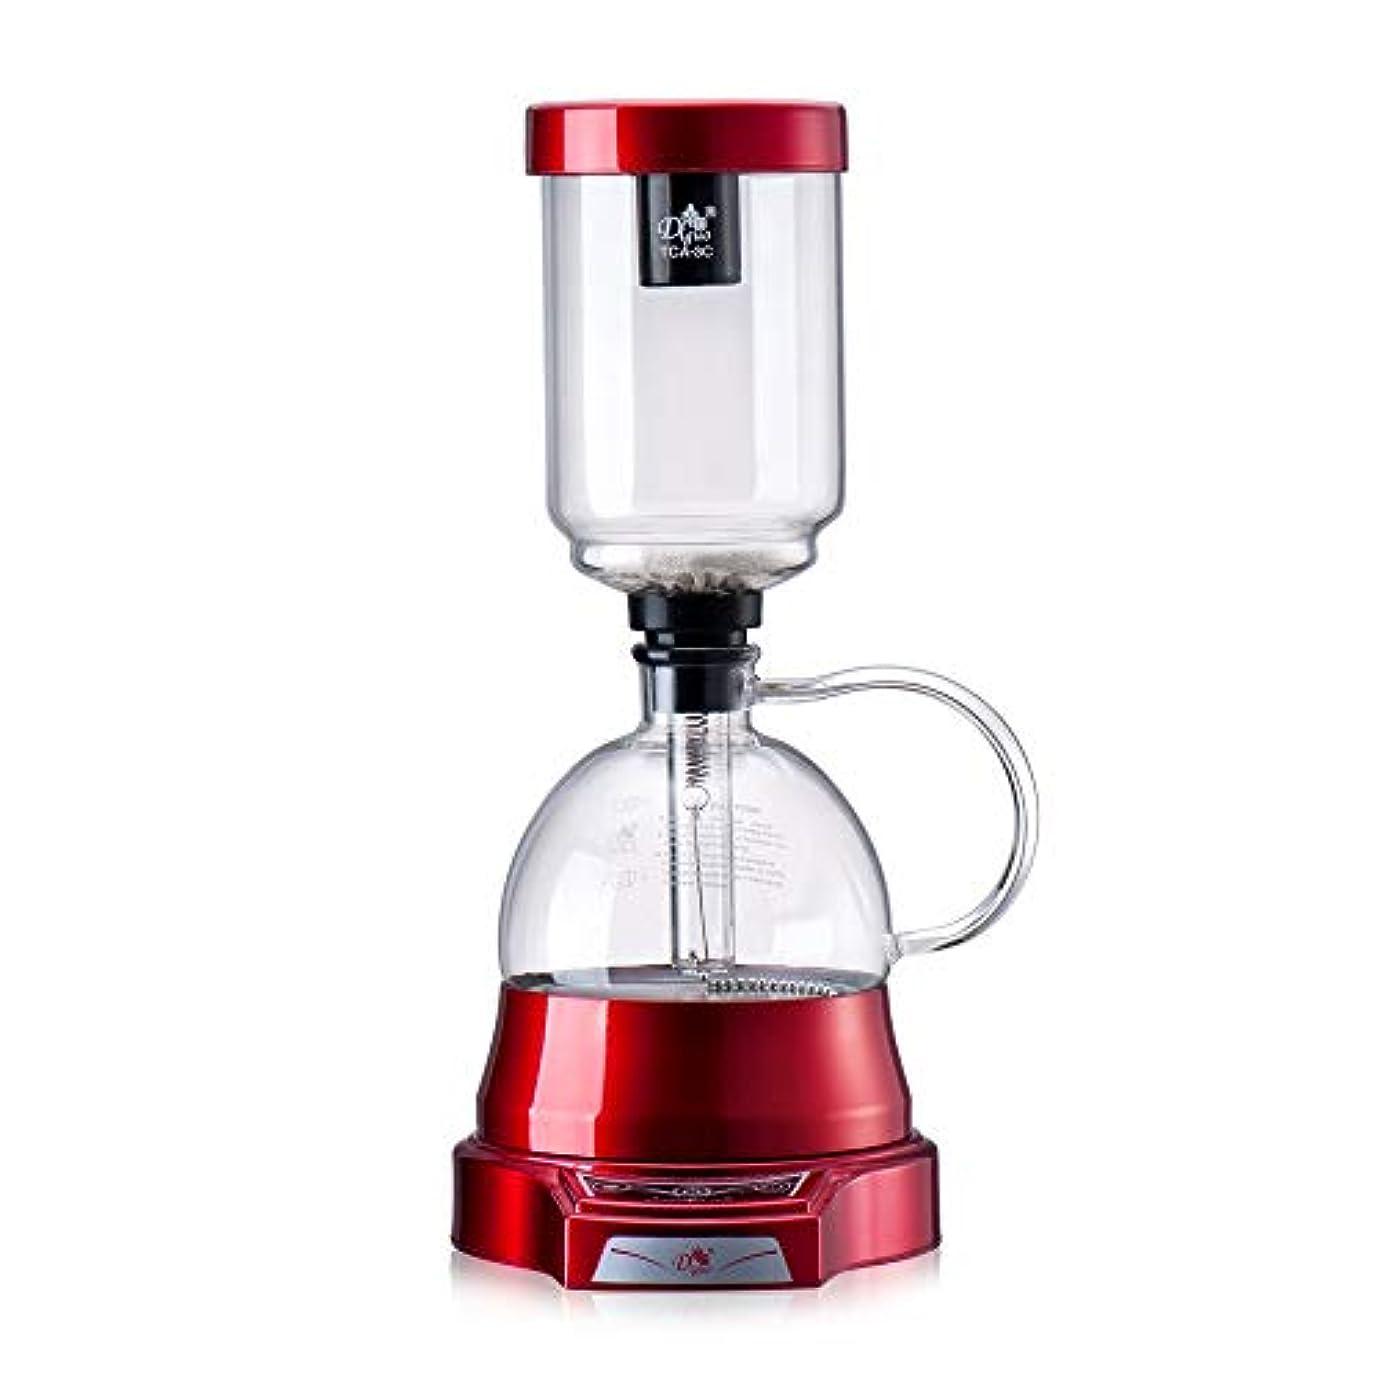 ベール適度な勤勉なXLEVE 和風電気サイフォンコーヒーメーカーカップ真空コーヒーマシンビールドリップティーサイフォンガラスポットフィルターエスプレッソメーカー (Color : Black)